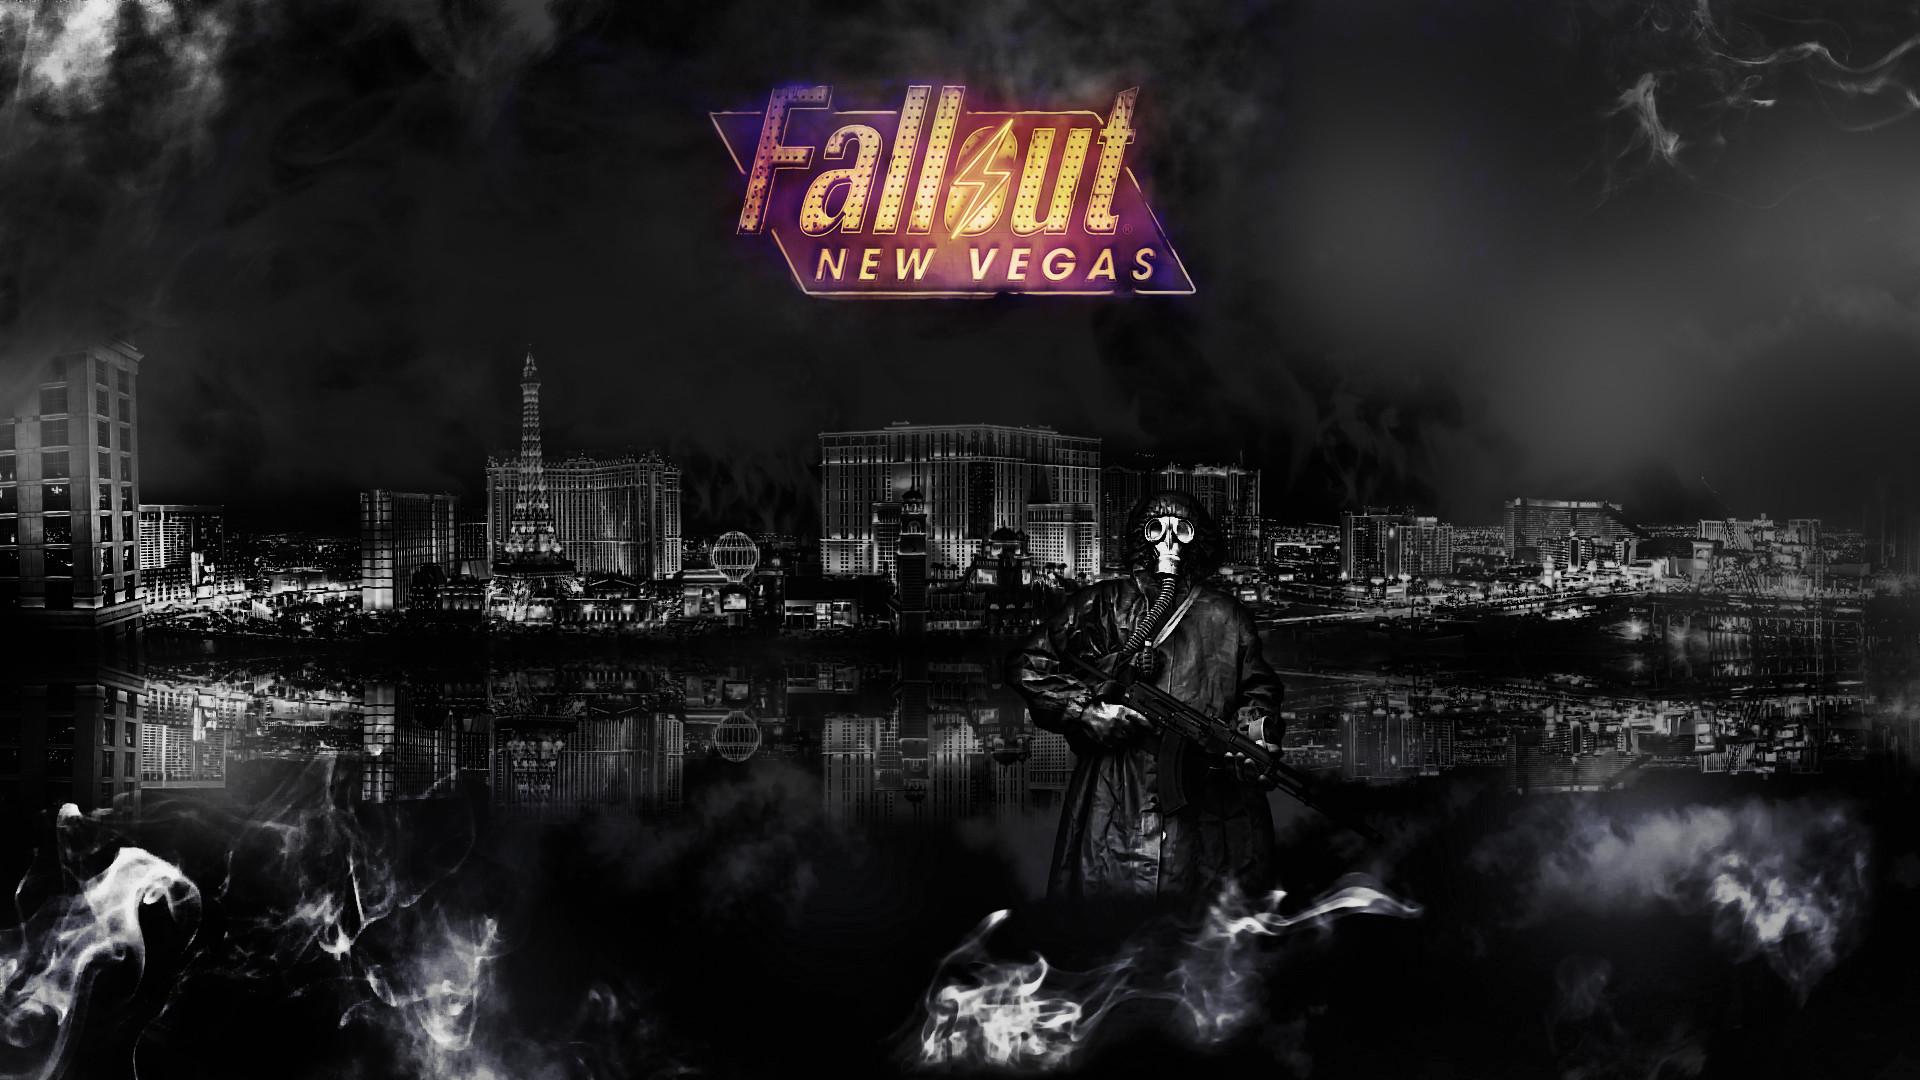 Fallout new vegas by sourcefx – Desktop Wallpaper